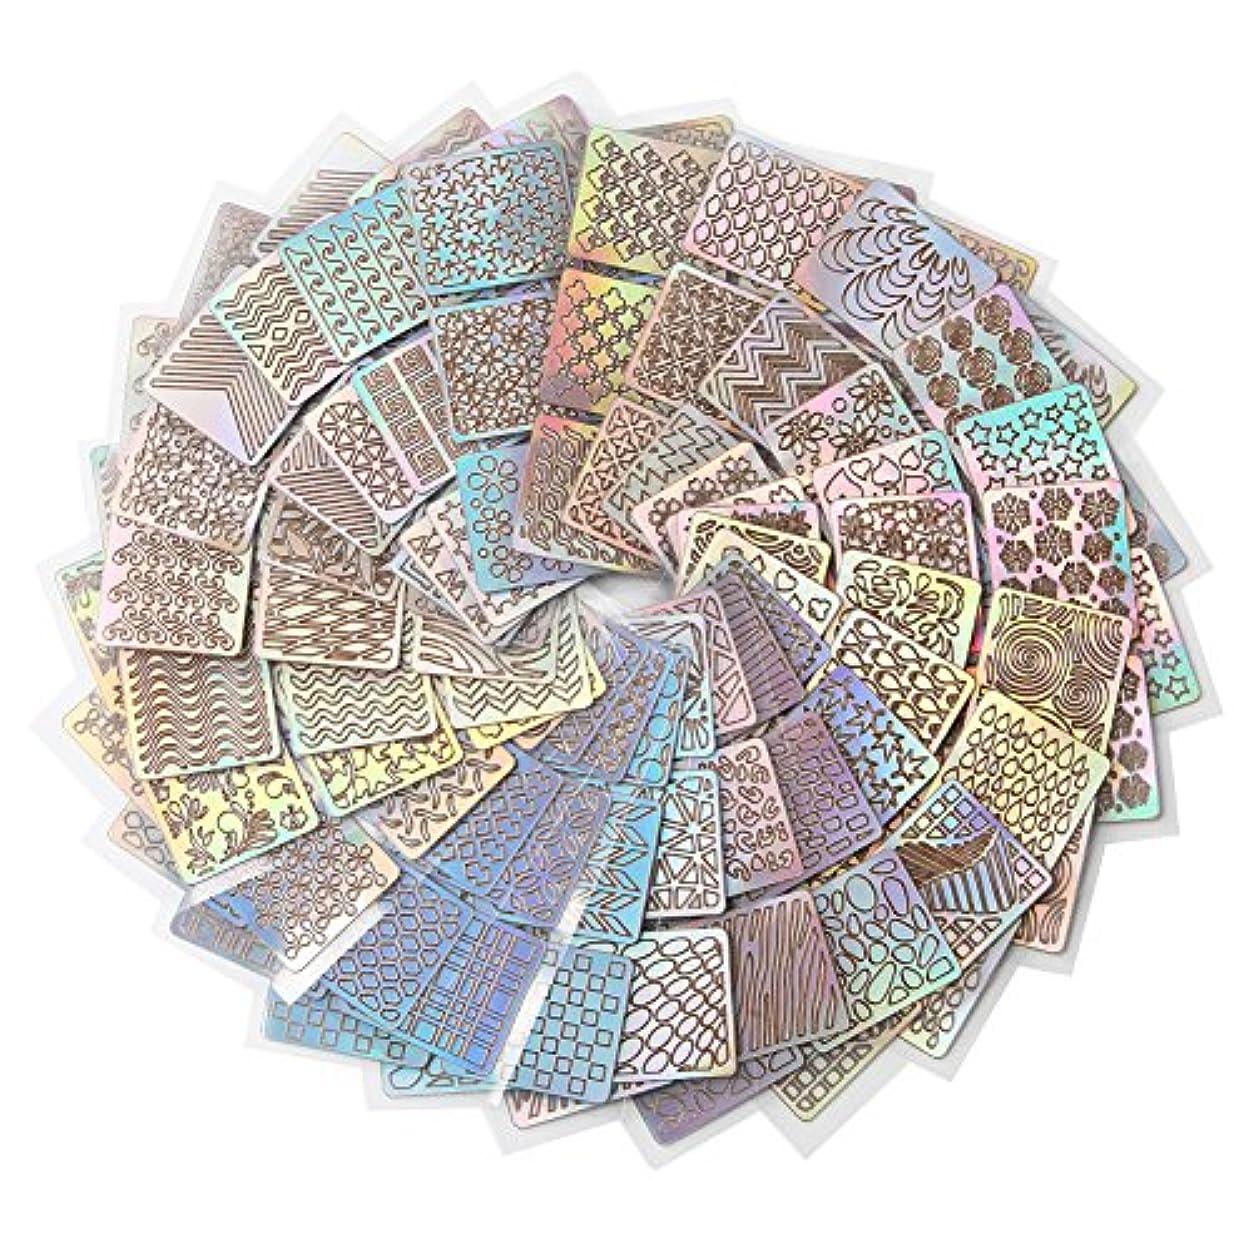 機会包帯復讐Demiawaking ネイル用装飾 可愛いネイル飾り テープ ネイル パーツ ネイルーシール 今年流行ネイティブ柄ネイルステッカー 24枚セット